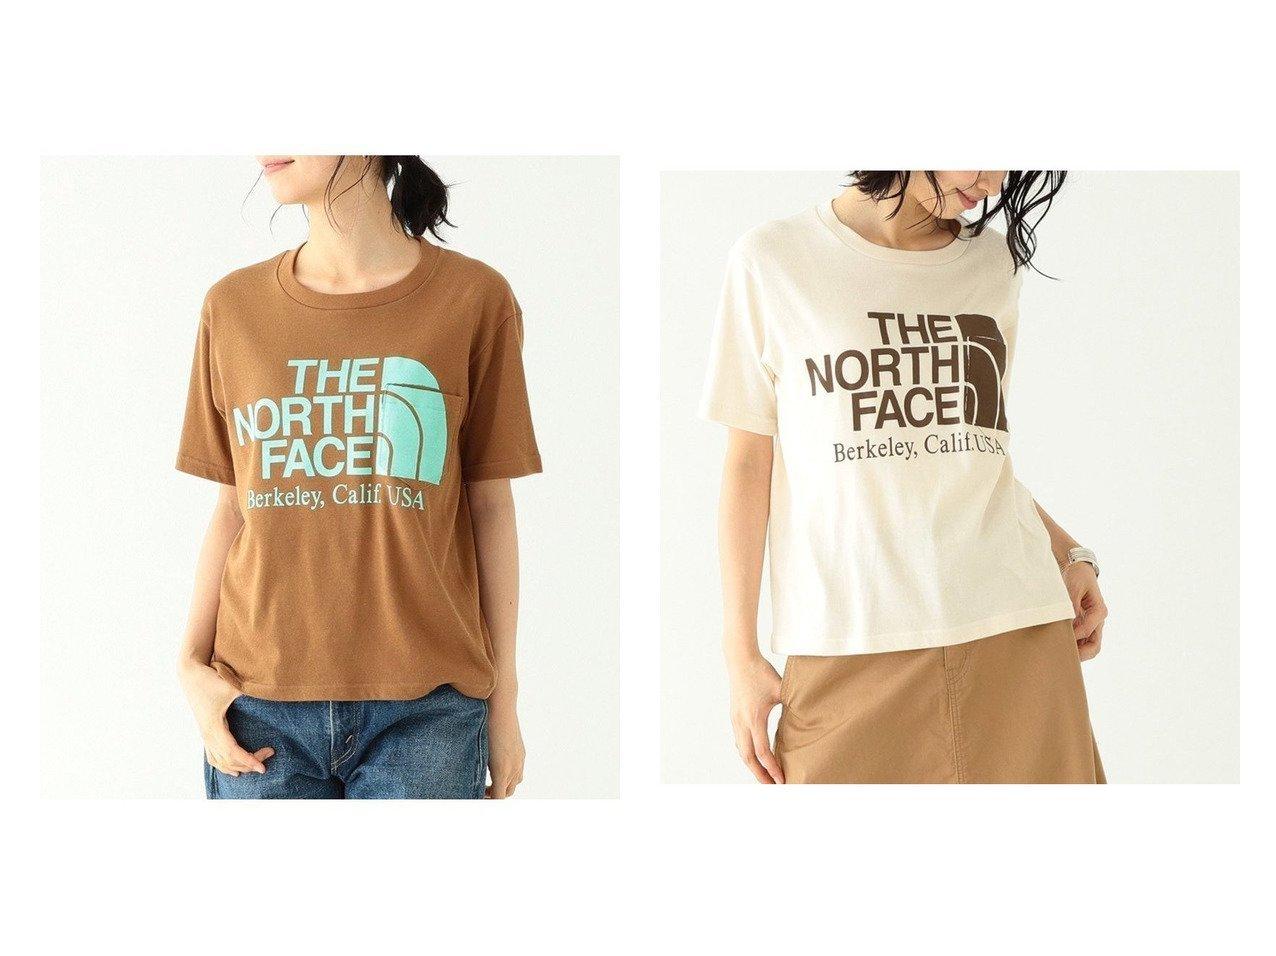 【BEAMS BOY/ビームス ボーイ】のTHE NORTH FACE PURPLE LABEL × 別注 ロゴ ポケットTシャツ 20SS 【トップス・カットソー】おすすめ!人気、トレンド・レディースファッションの通販 おすすめで人気の流行・トレンド、ファッションの通販商品 メンズファッション・キッズファッション・インテリア・家具・レディースファッション・服の通販 founy(ファニー) https://founy.com/ ファッション Fashion レディースファッション WOMEN トップス・カットソー Tops/Tshirt シャツ/ブラウス Shirts/Blouses ロング / Tシャツ T-Shirts カットソー Cut and Sewn 2020年 2020 2020春夏・S/S SS・Spring/Summer/2020 S/S・春夏 SS・Spring/Summer アウトドア カットソー スポーツ ベスト ポケット 別注 |ID:crp329100000026710